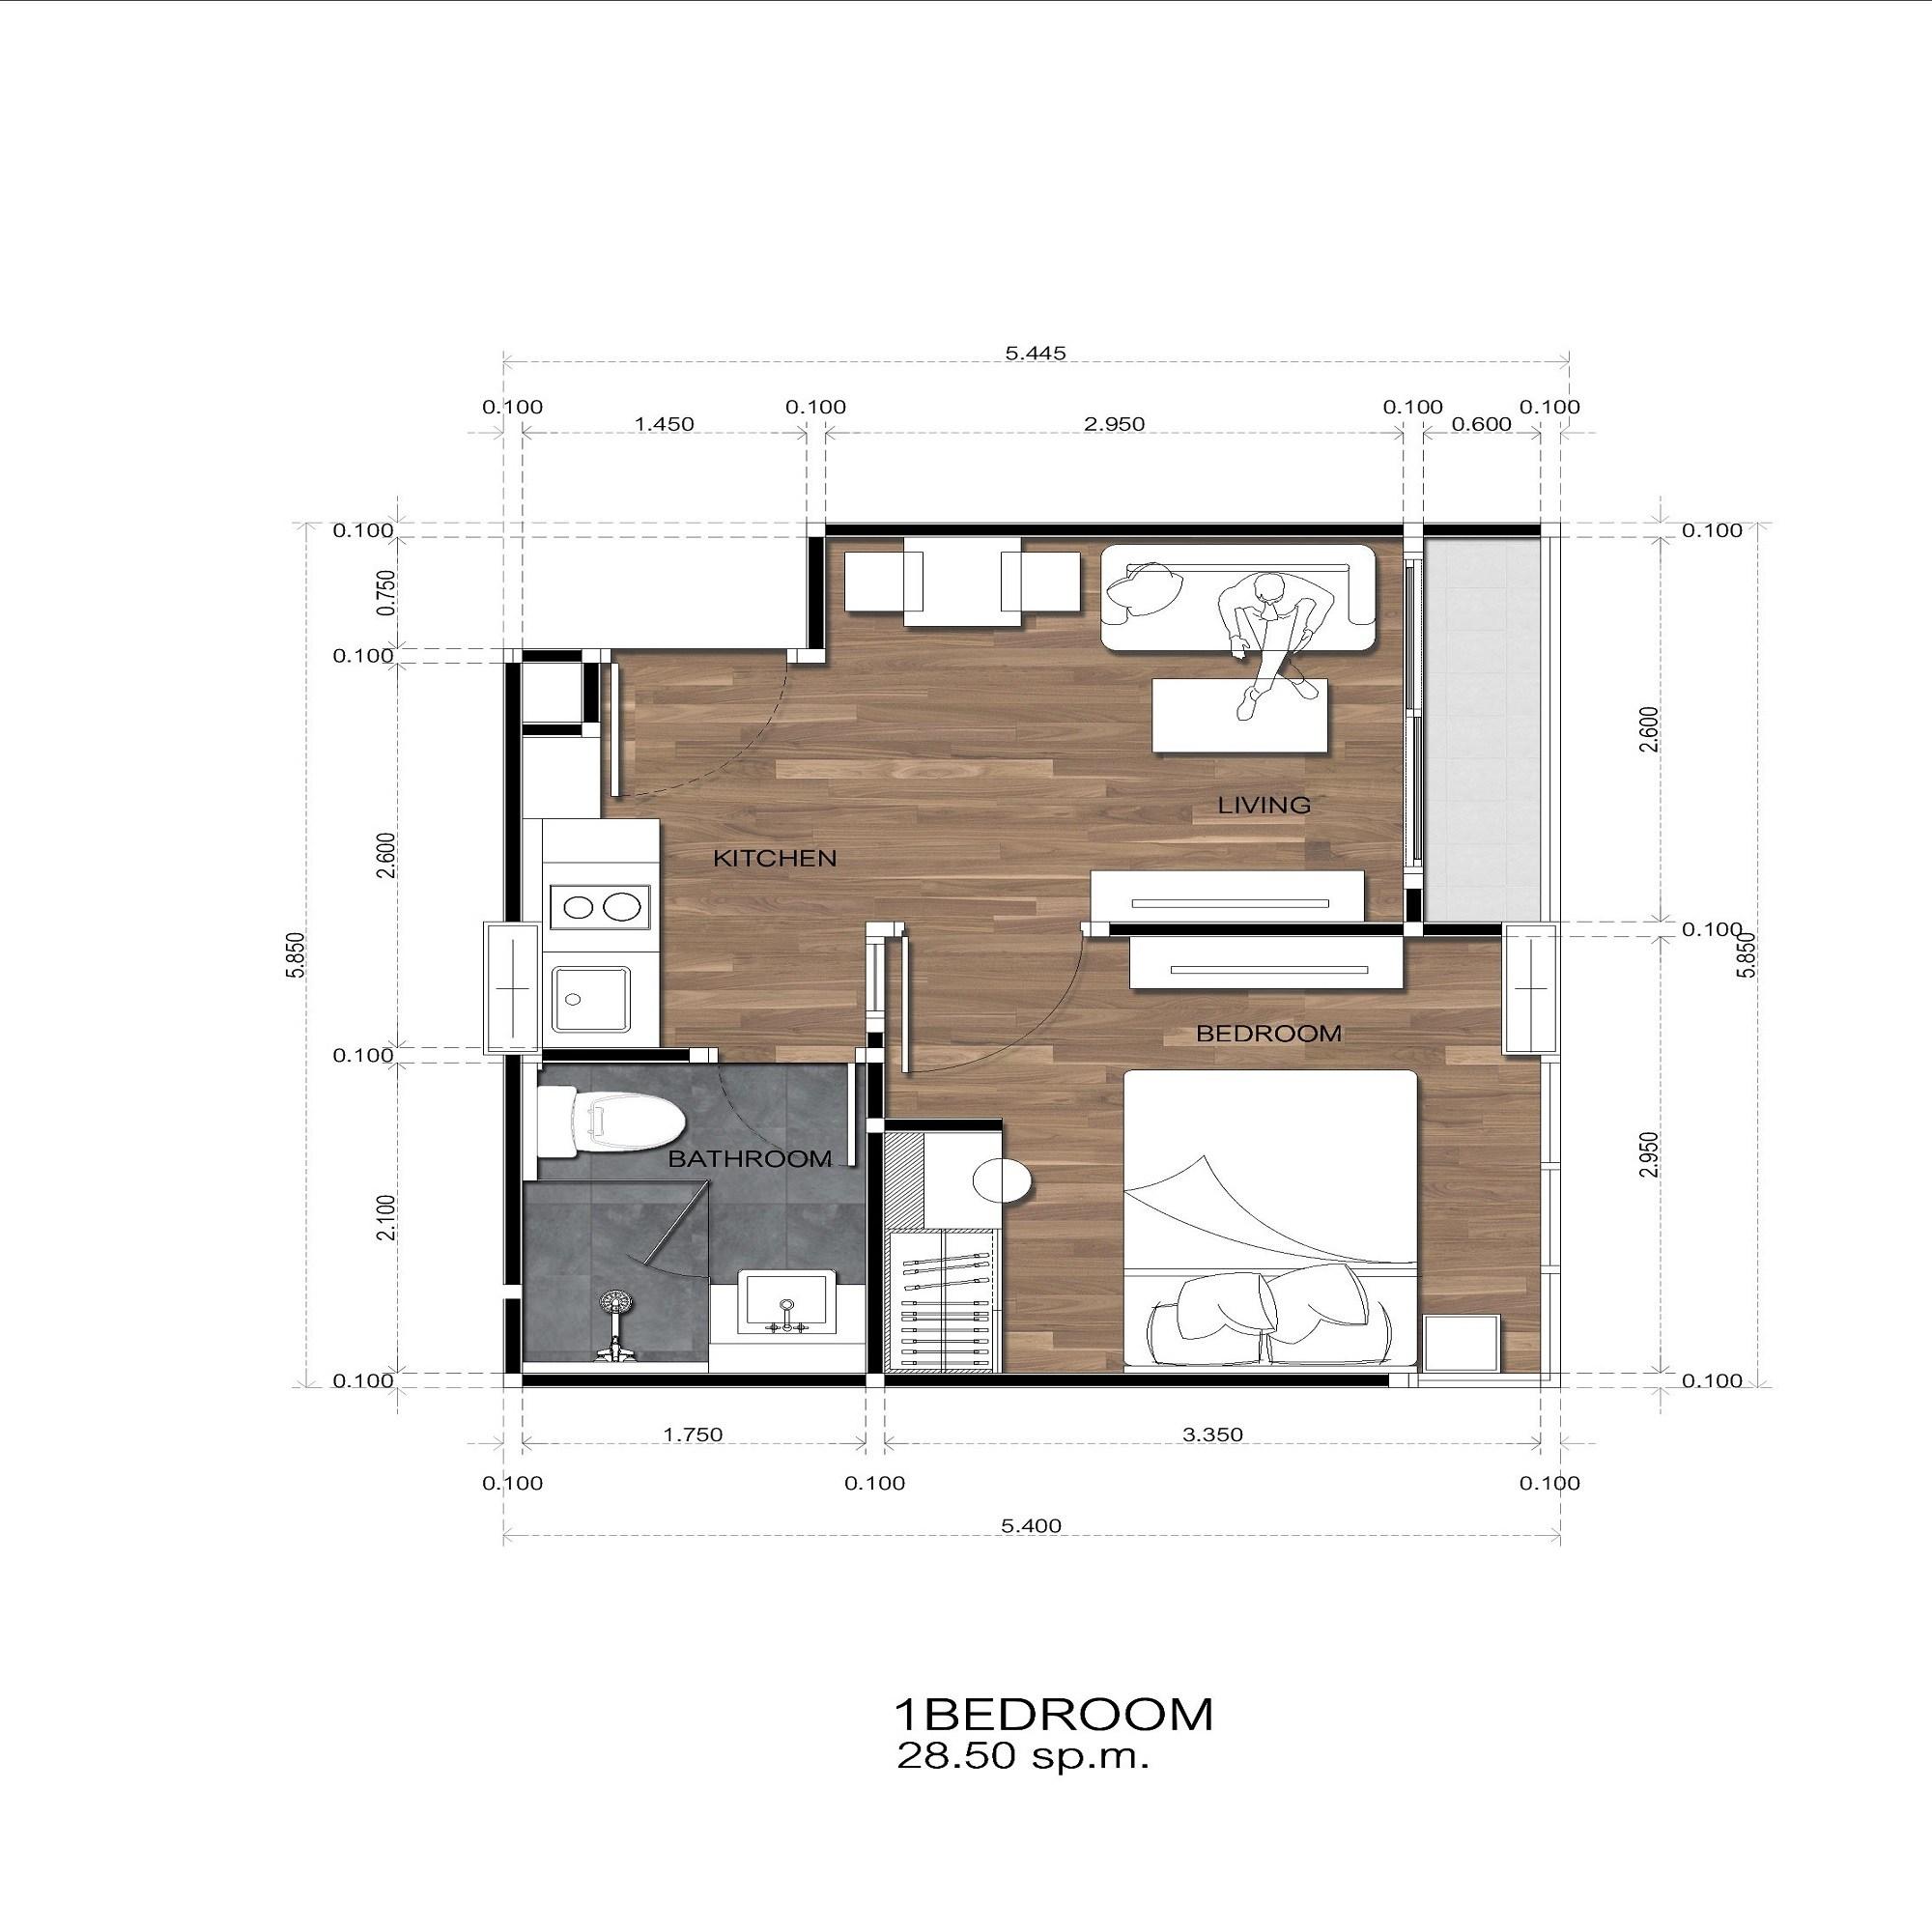 Amigo Grandeur Condominiums floorplan 415sqft east facing